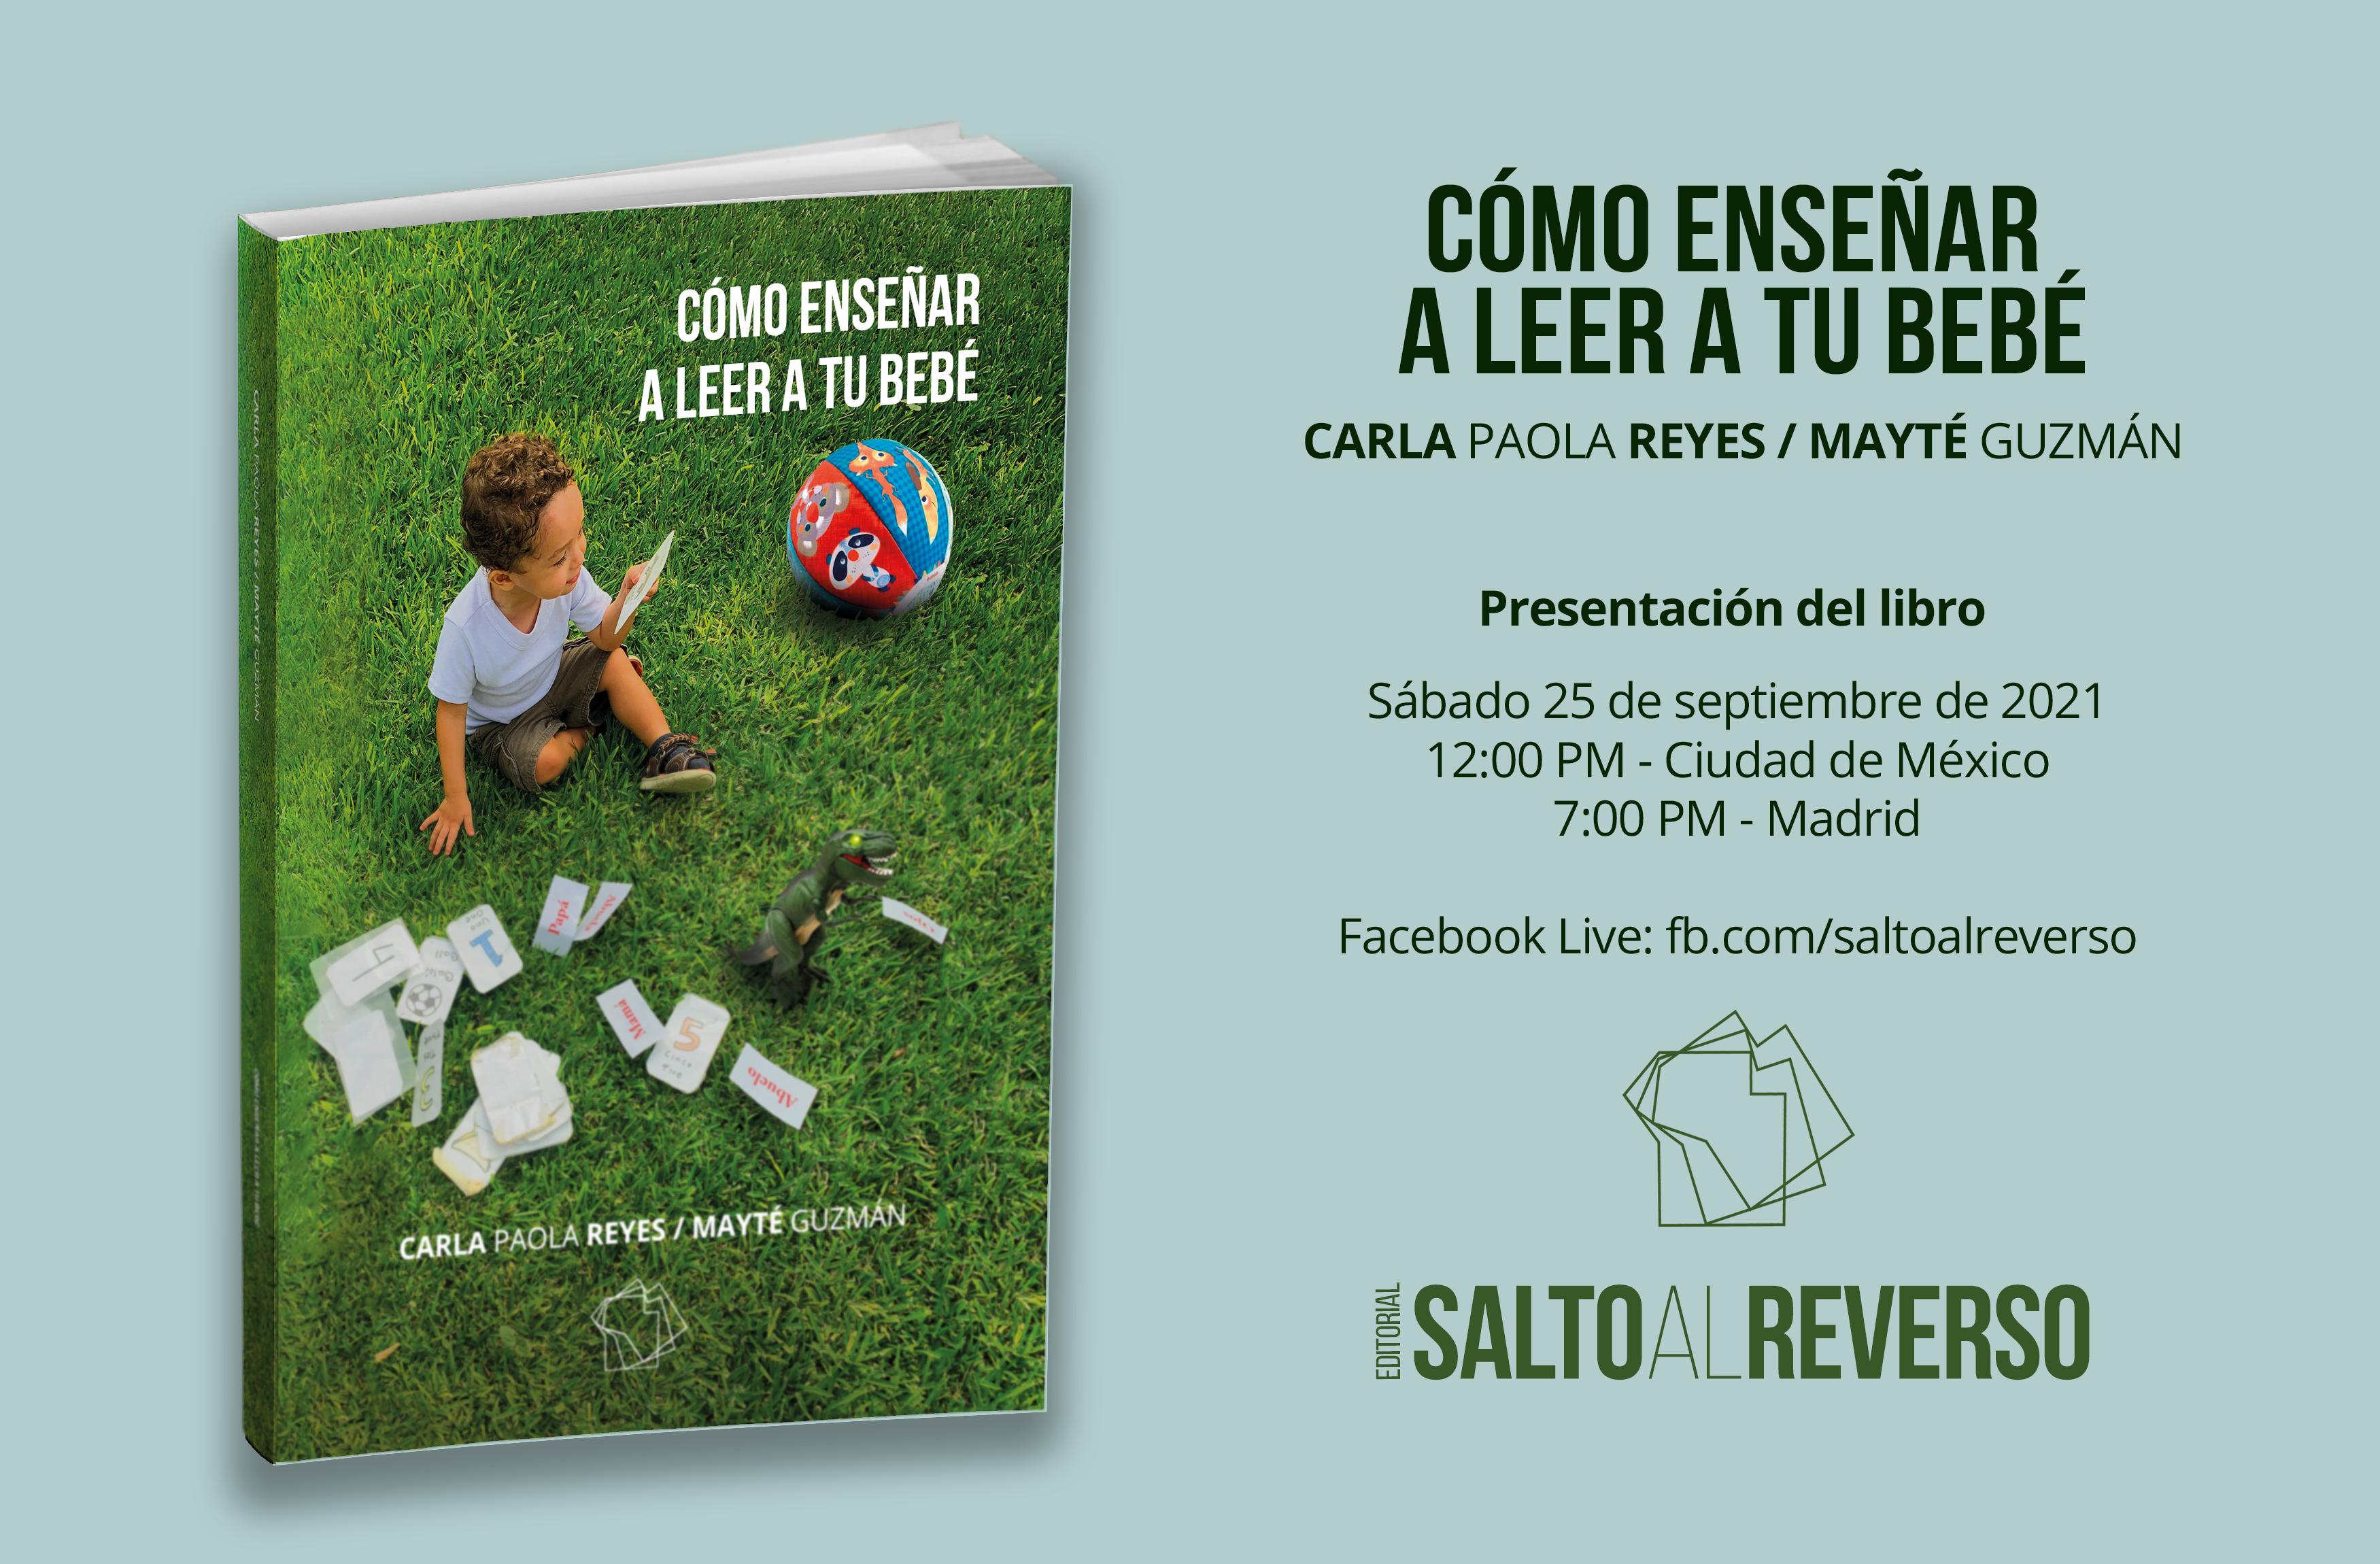 Próxima presentación del libro «Cómo enseñar a leer a tu bebé»